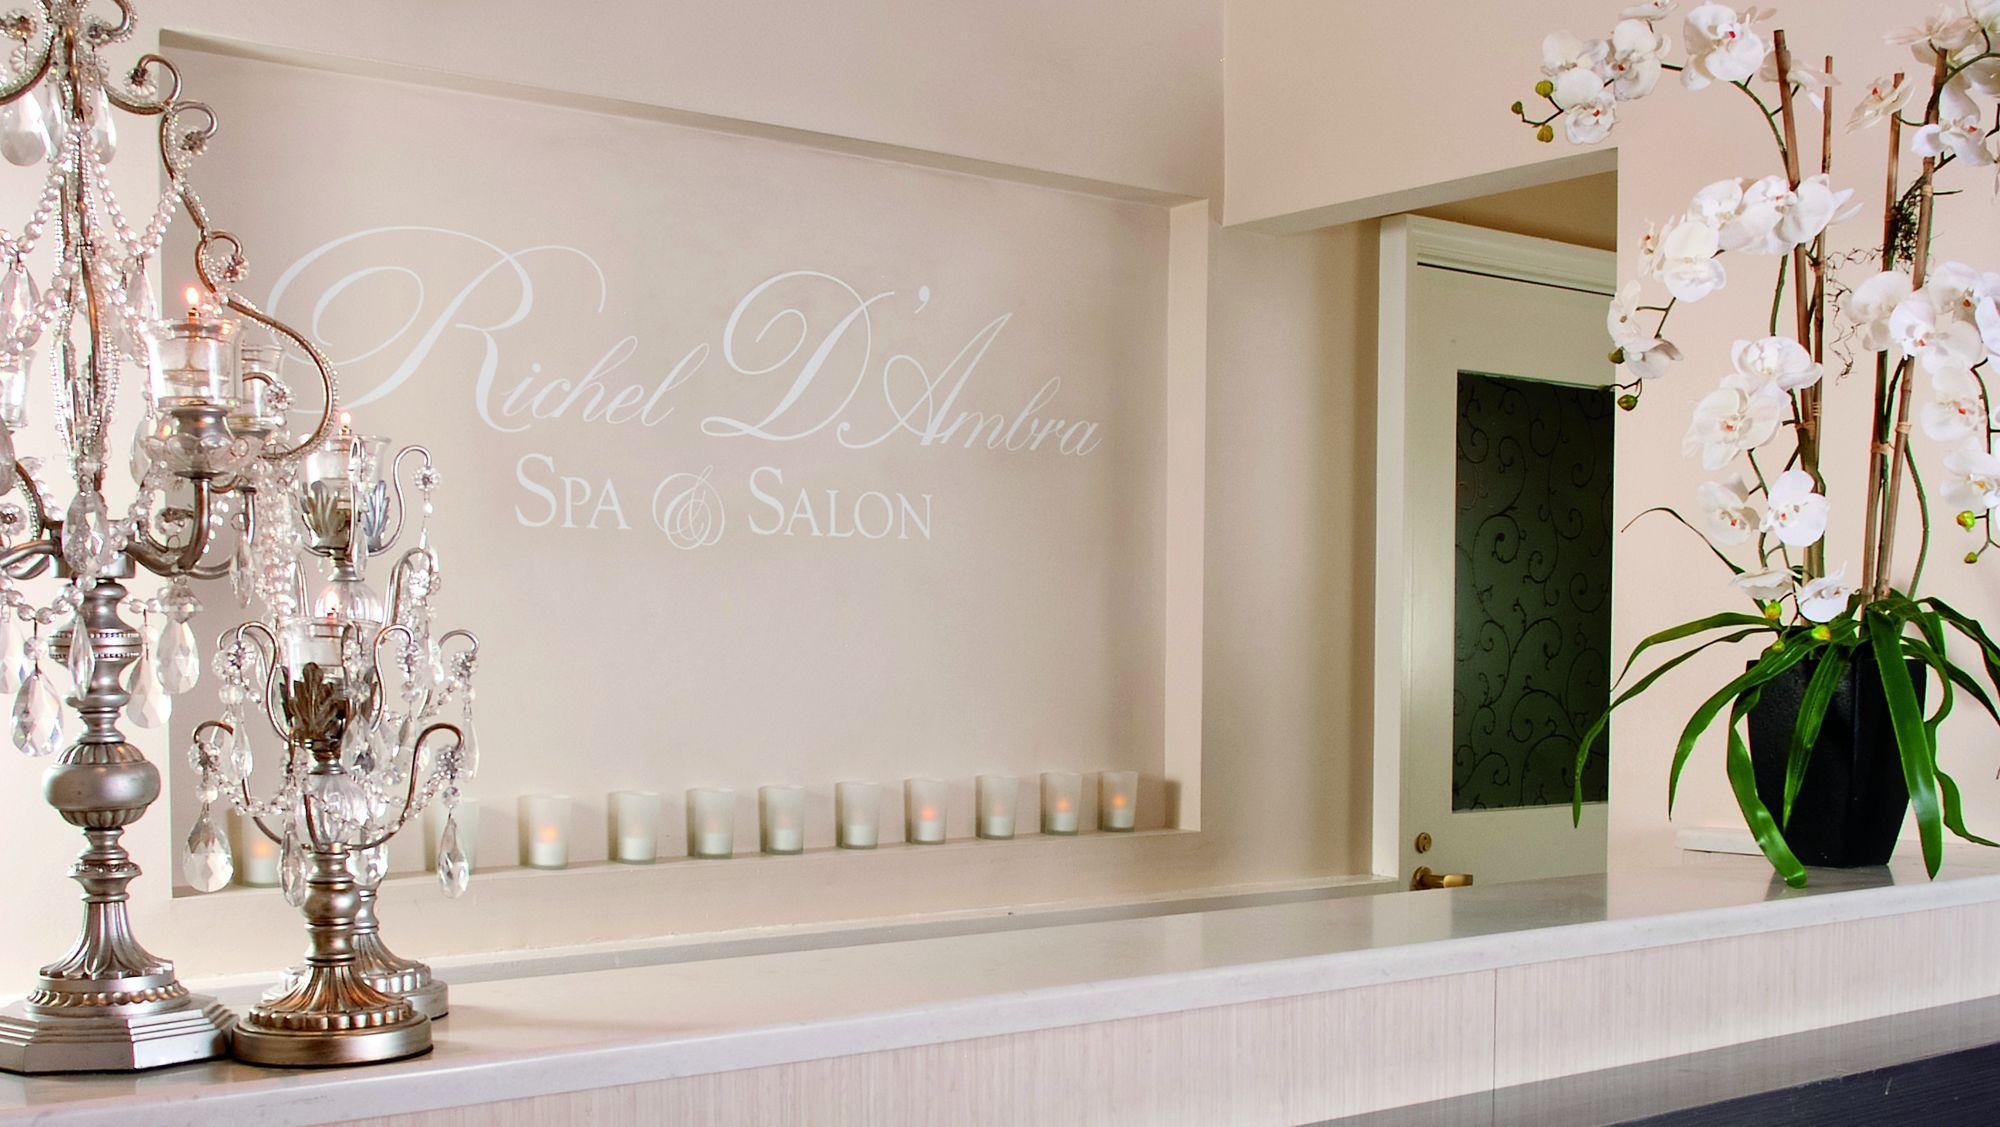 Spa in Philadelphia – Hotel Spas in Philadelphia | The Ritz-Carlton,  Philadelphia